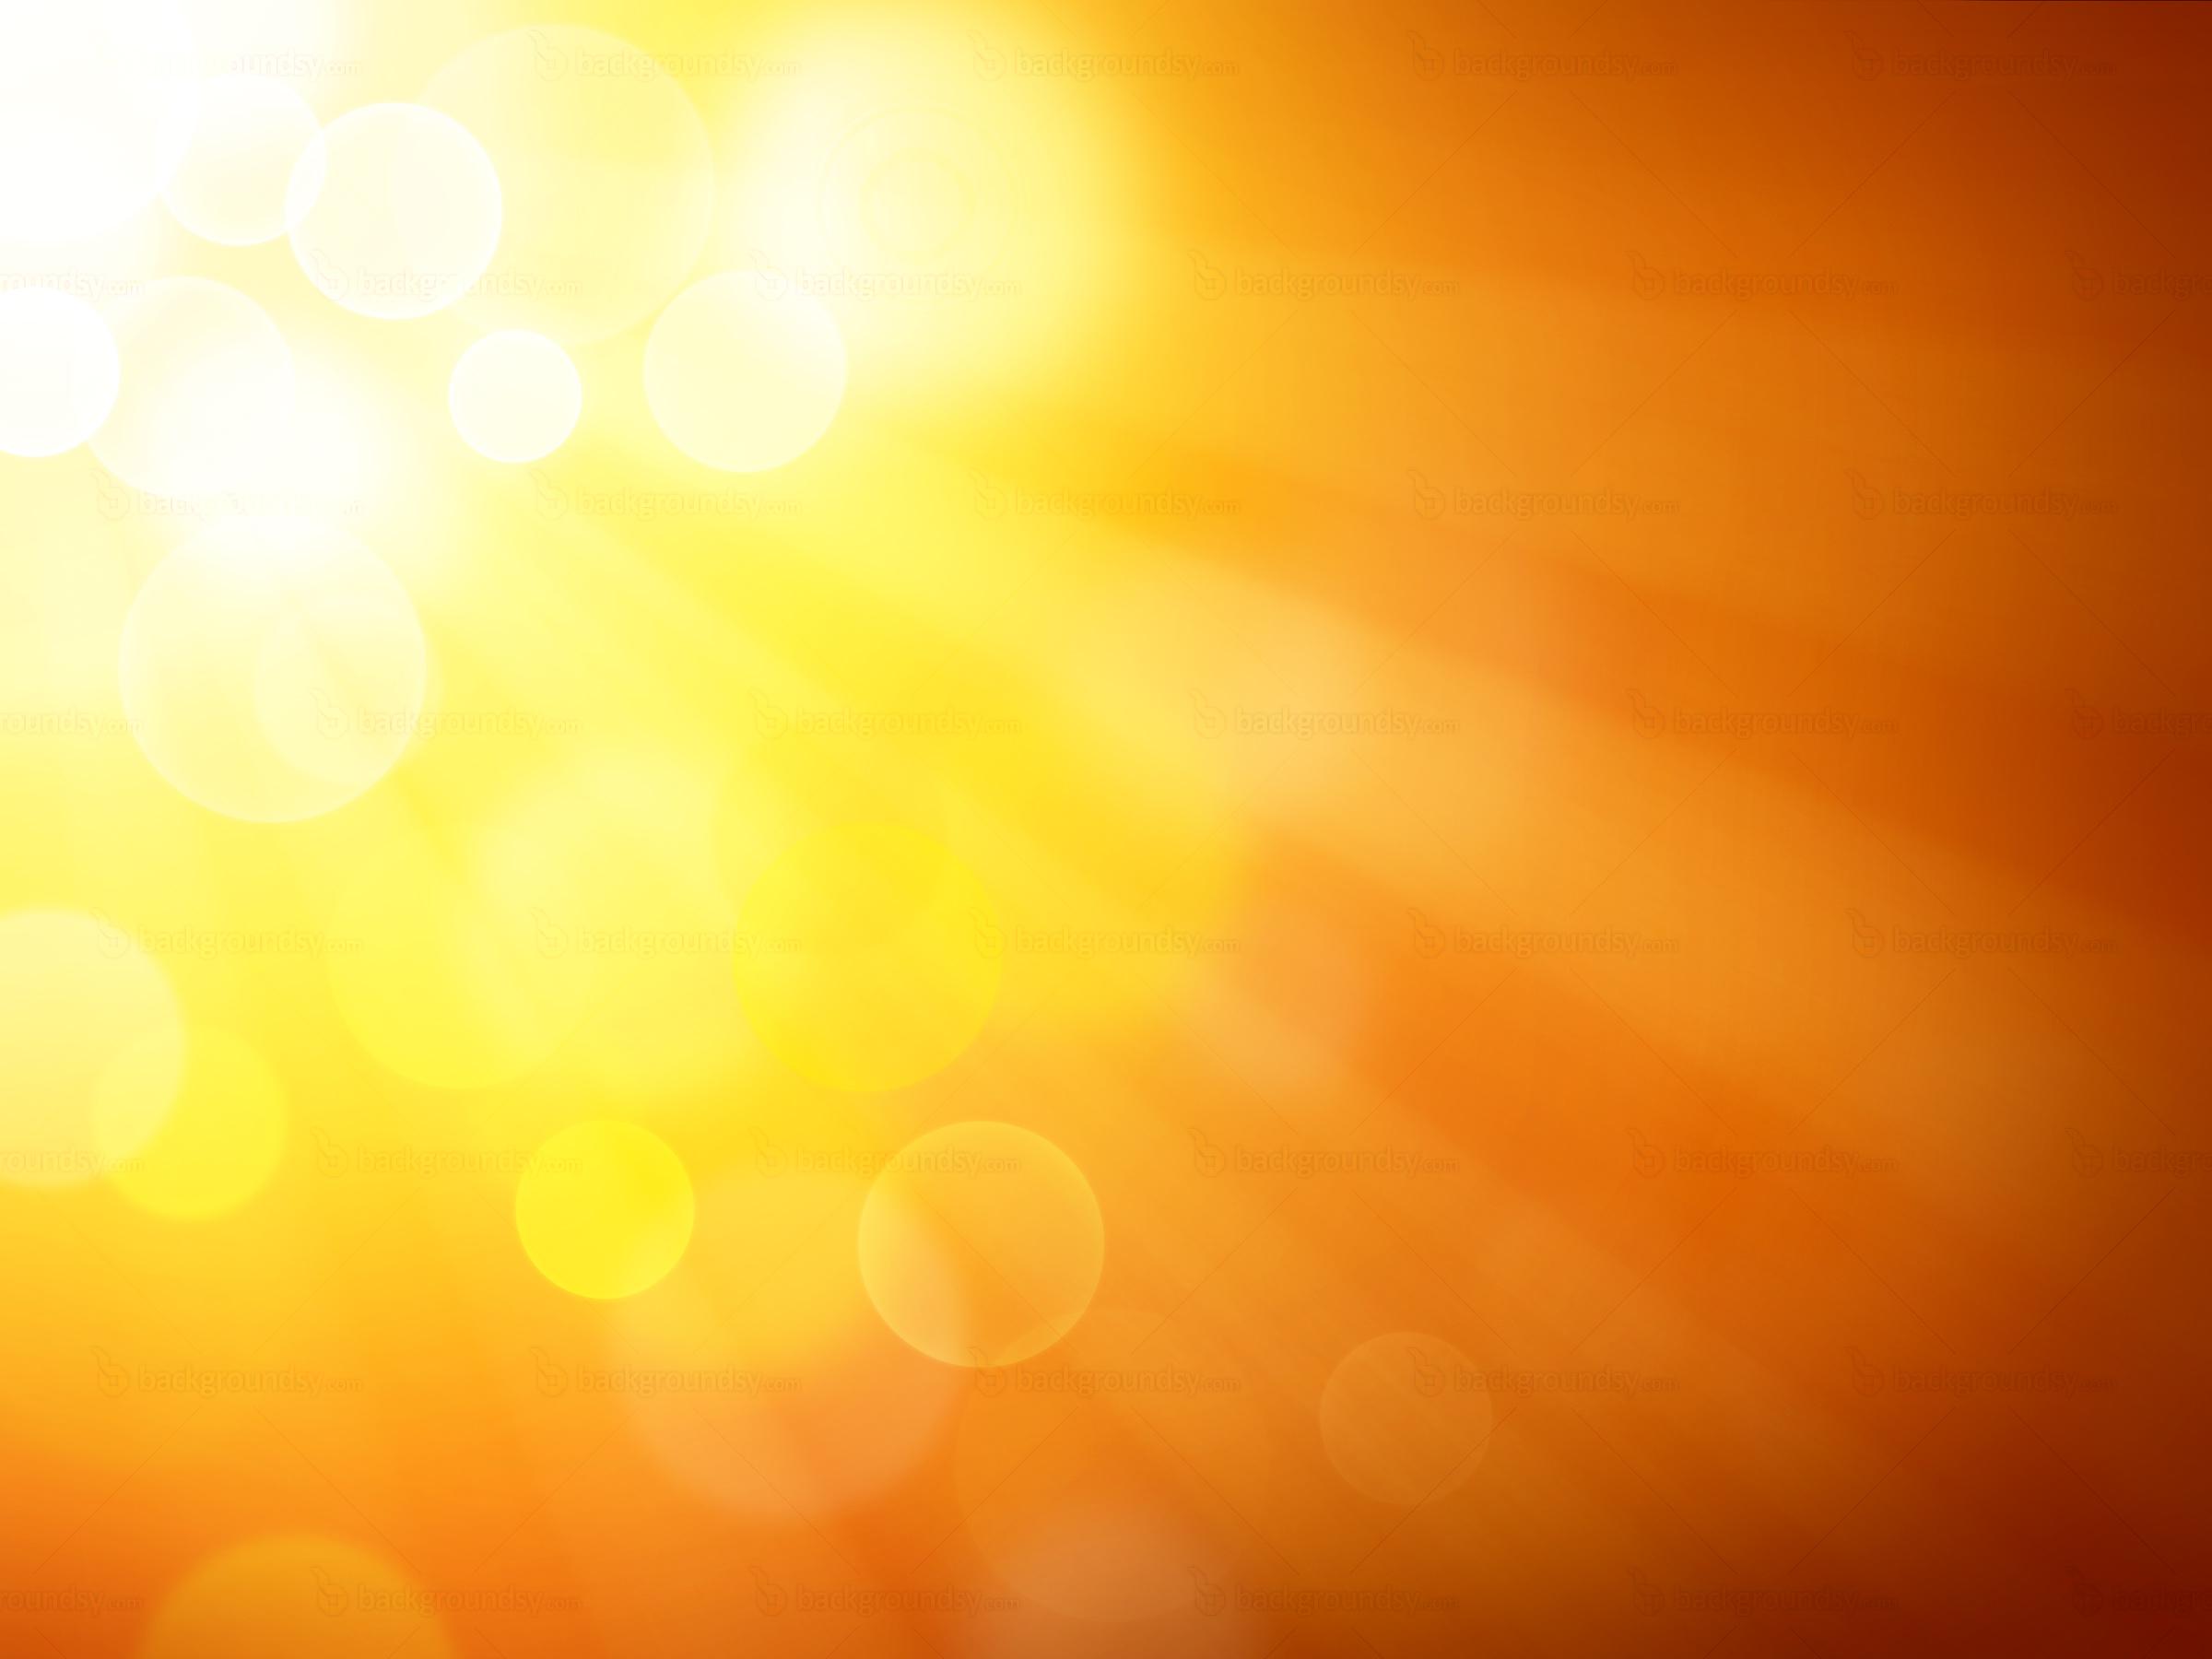 Sun Background HD Wallpapers 14579 - Baltana